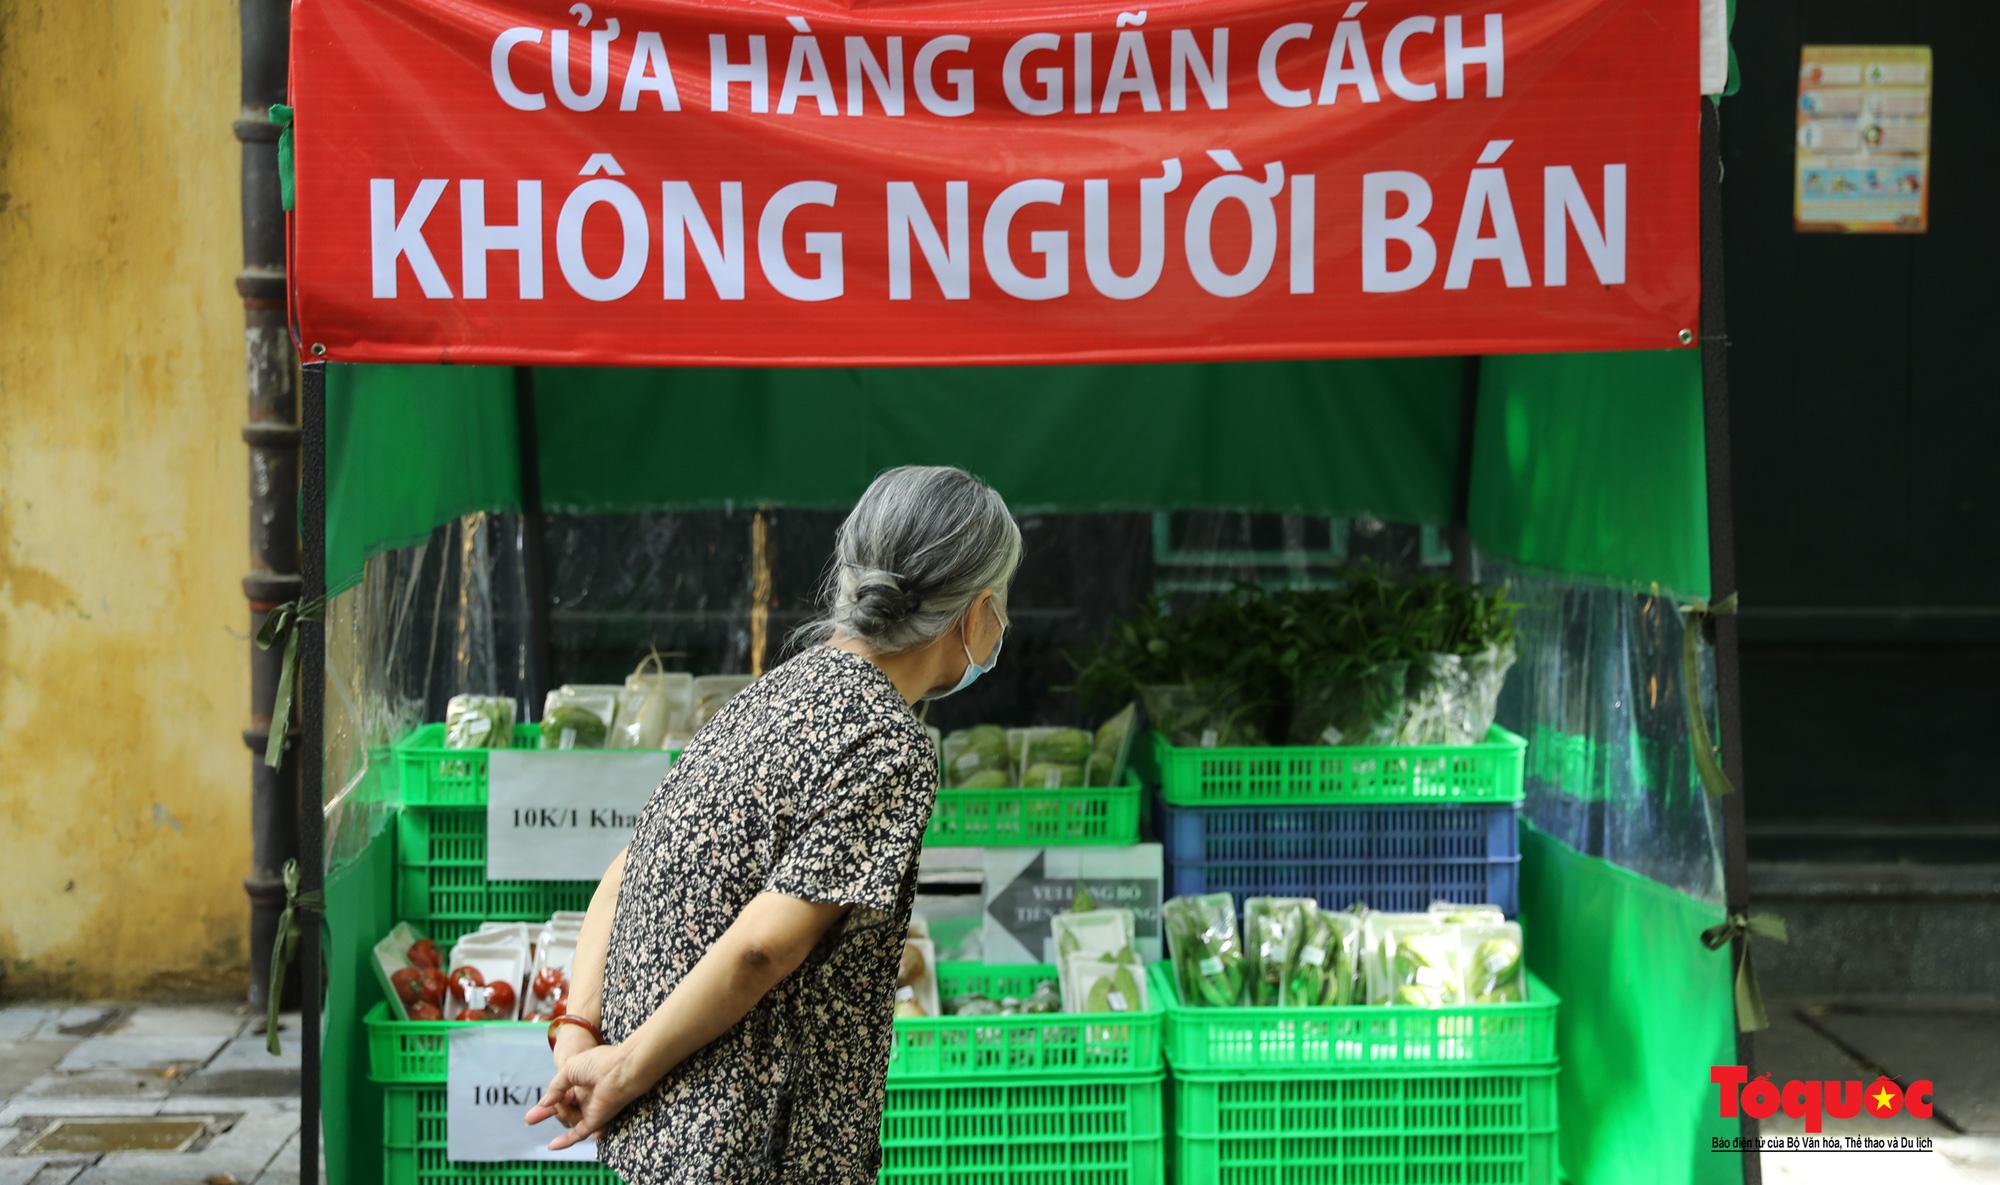 Hà Nội: Cửa hàng thiết yếu không người bán, người mua cũng không cần phải trả tiền ngay - Ảnh 7.